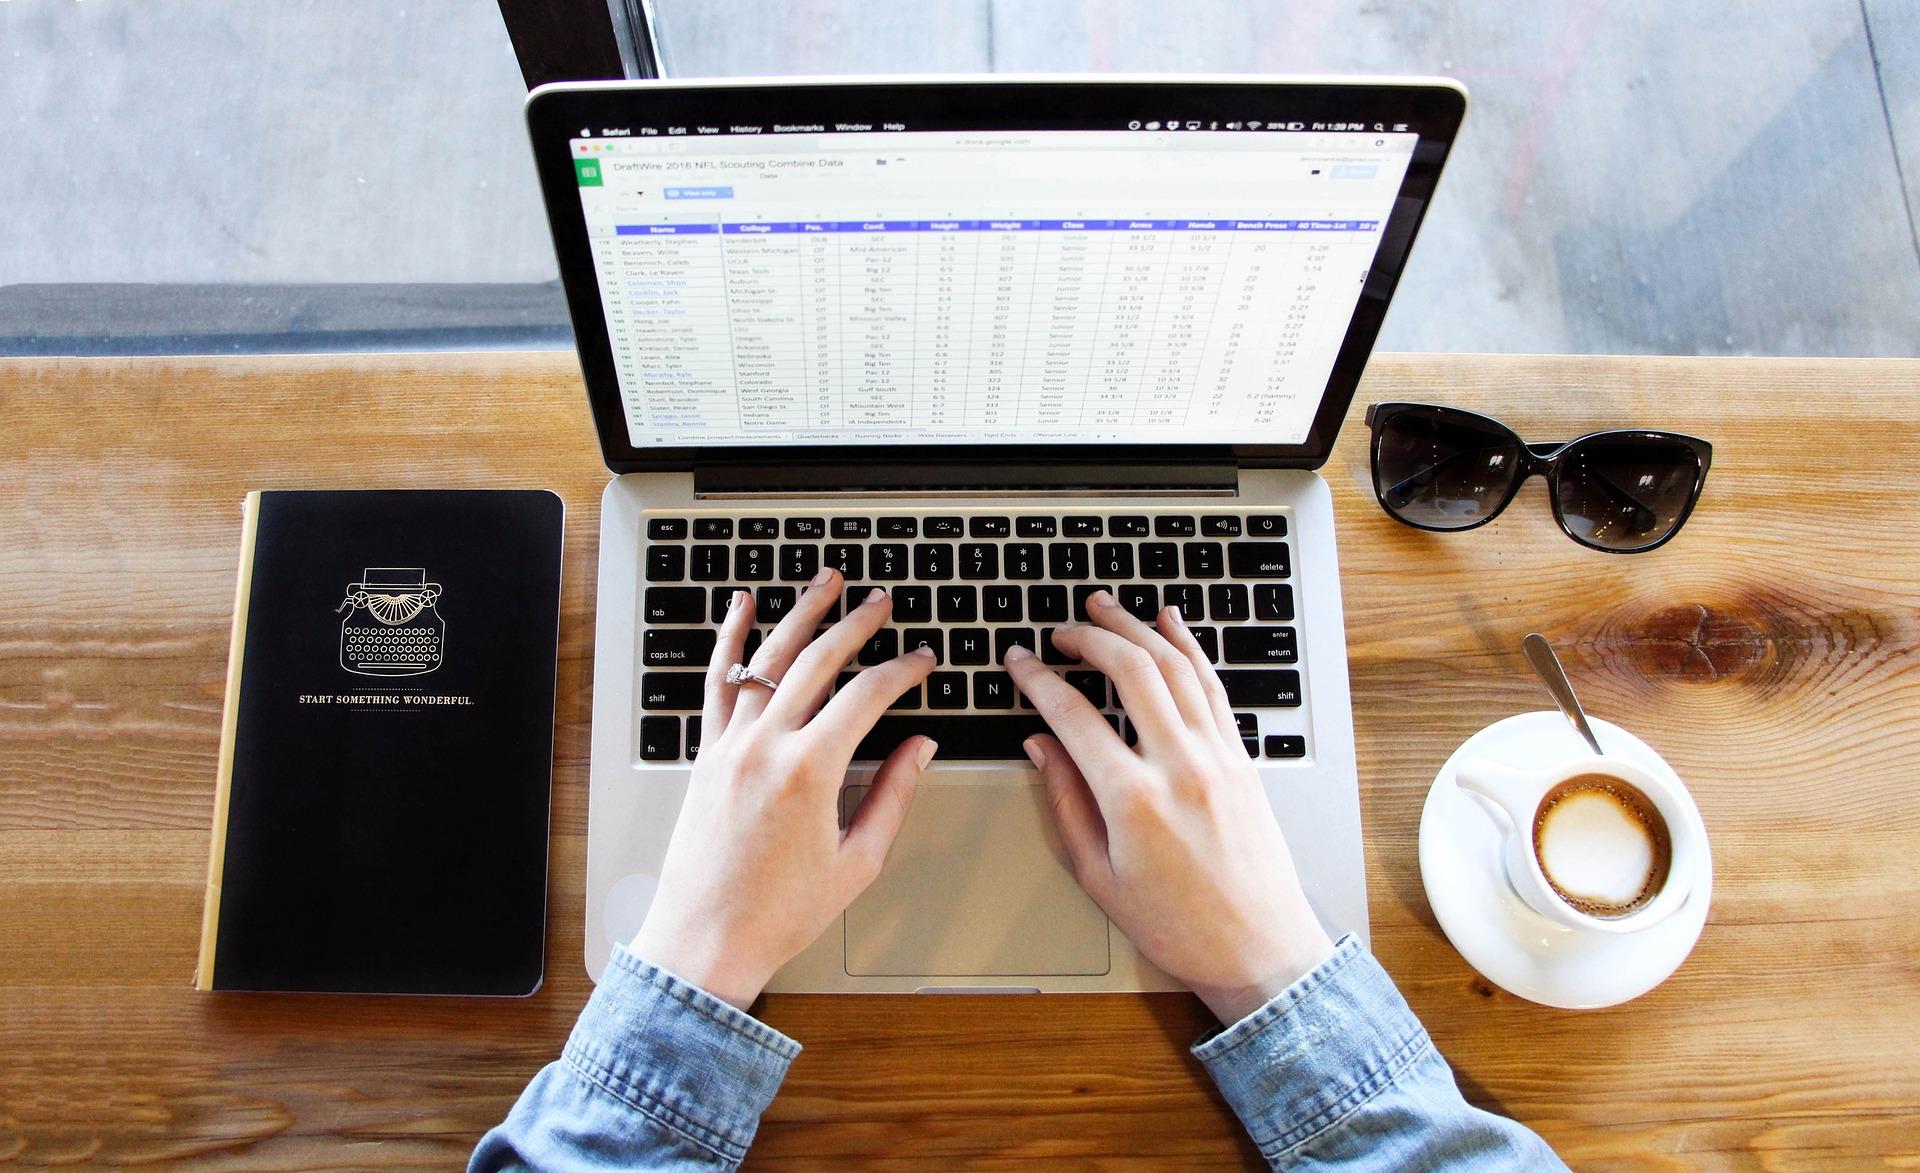 routines, habitudes, contrôle, cheffe d'entreprise, entrepreneuse, entrepreneure, organisation, planification, suivi, gestion, CRM, Excel, Bullet Journal,équilibre vie personnelle vie professionnelle,s'organiser, Maman, Entrepreneure, Entrepreneuse, mamentrepreneure, mompreneur, mampreneure, stratégie, gérer, structurer, piloter, pilotage, équilibre de vie, processus, procédure, budget, planning, todo, chiffre d'affaire, ventes, bilan, visibilité, dépenses, recettes, clients, prospects, suivi, suivre, slow, idéal de vie